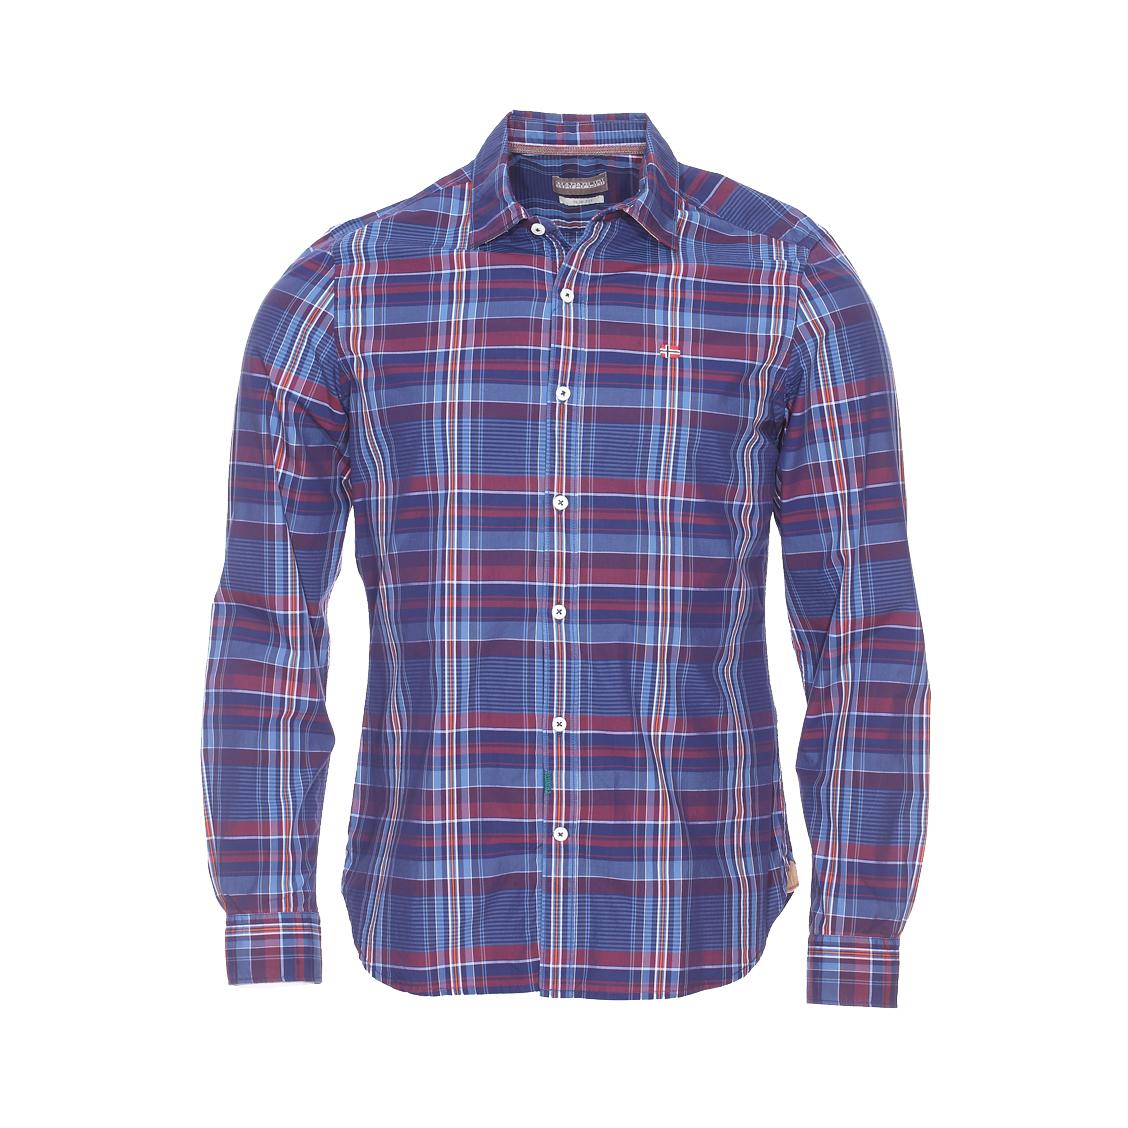 Chemise cintrée  gevi en coton à carreaux bleus, bleu marine, bordeaux, blancs et orange